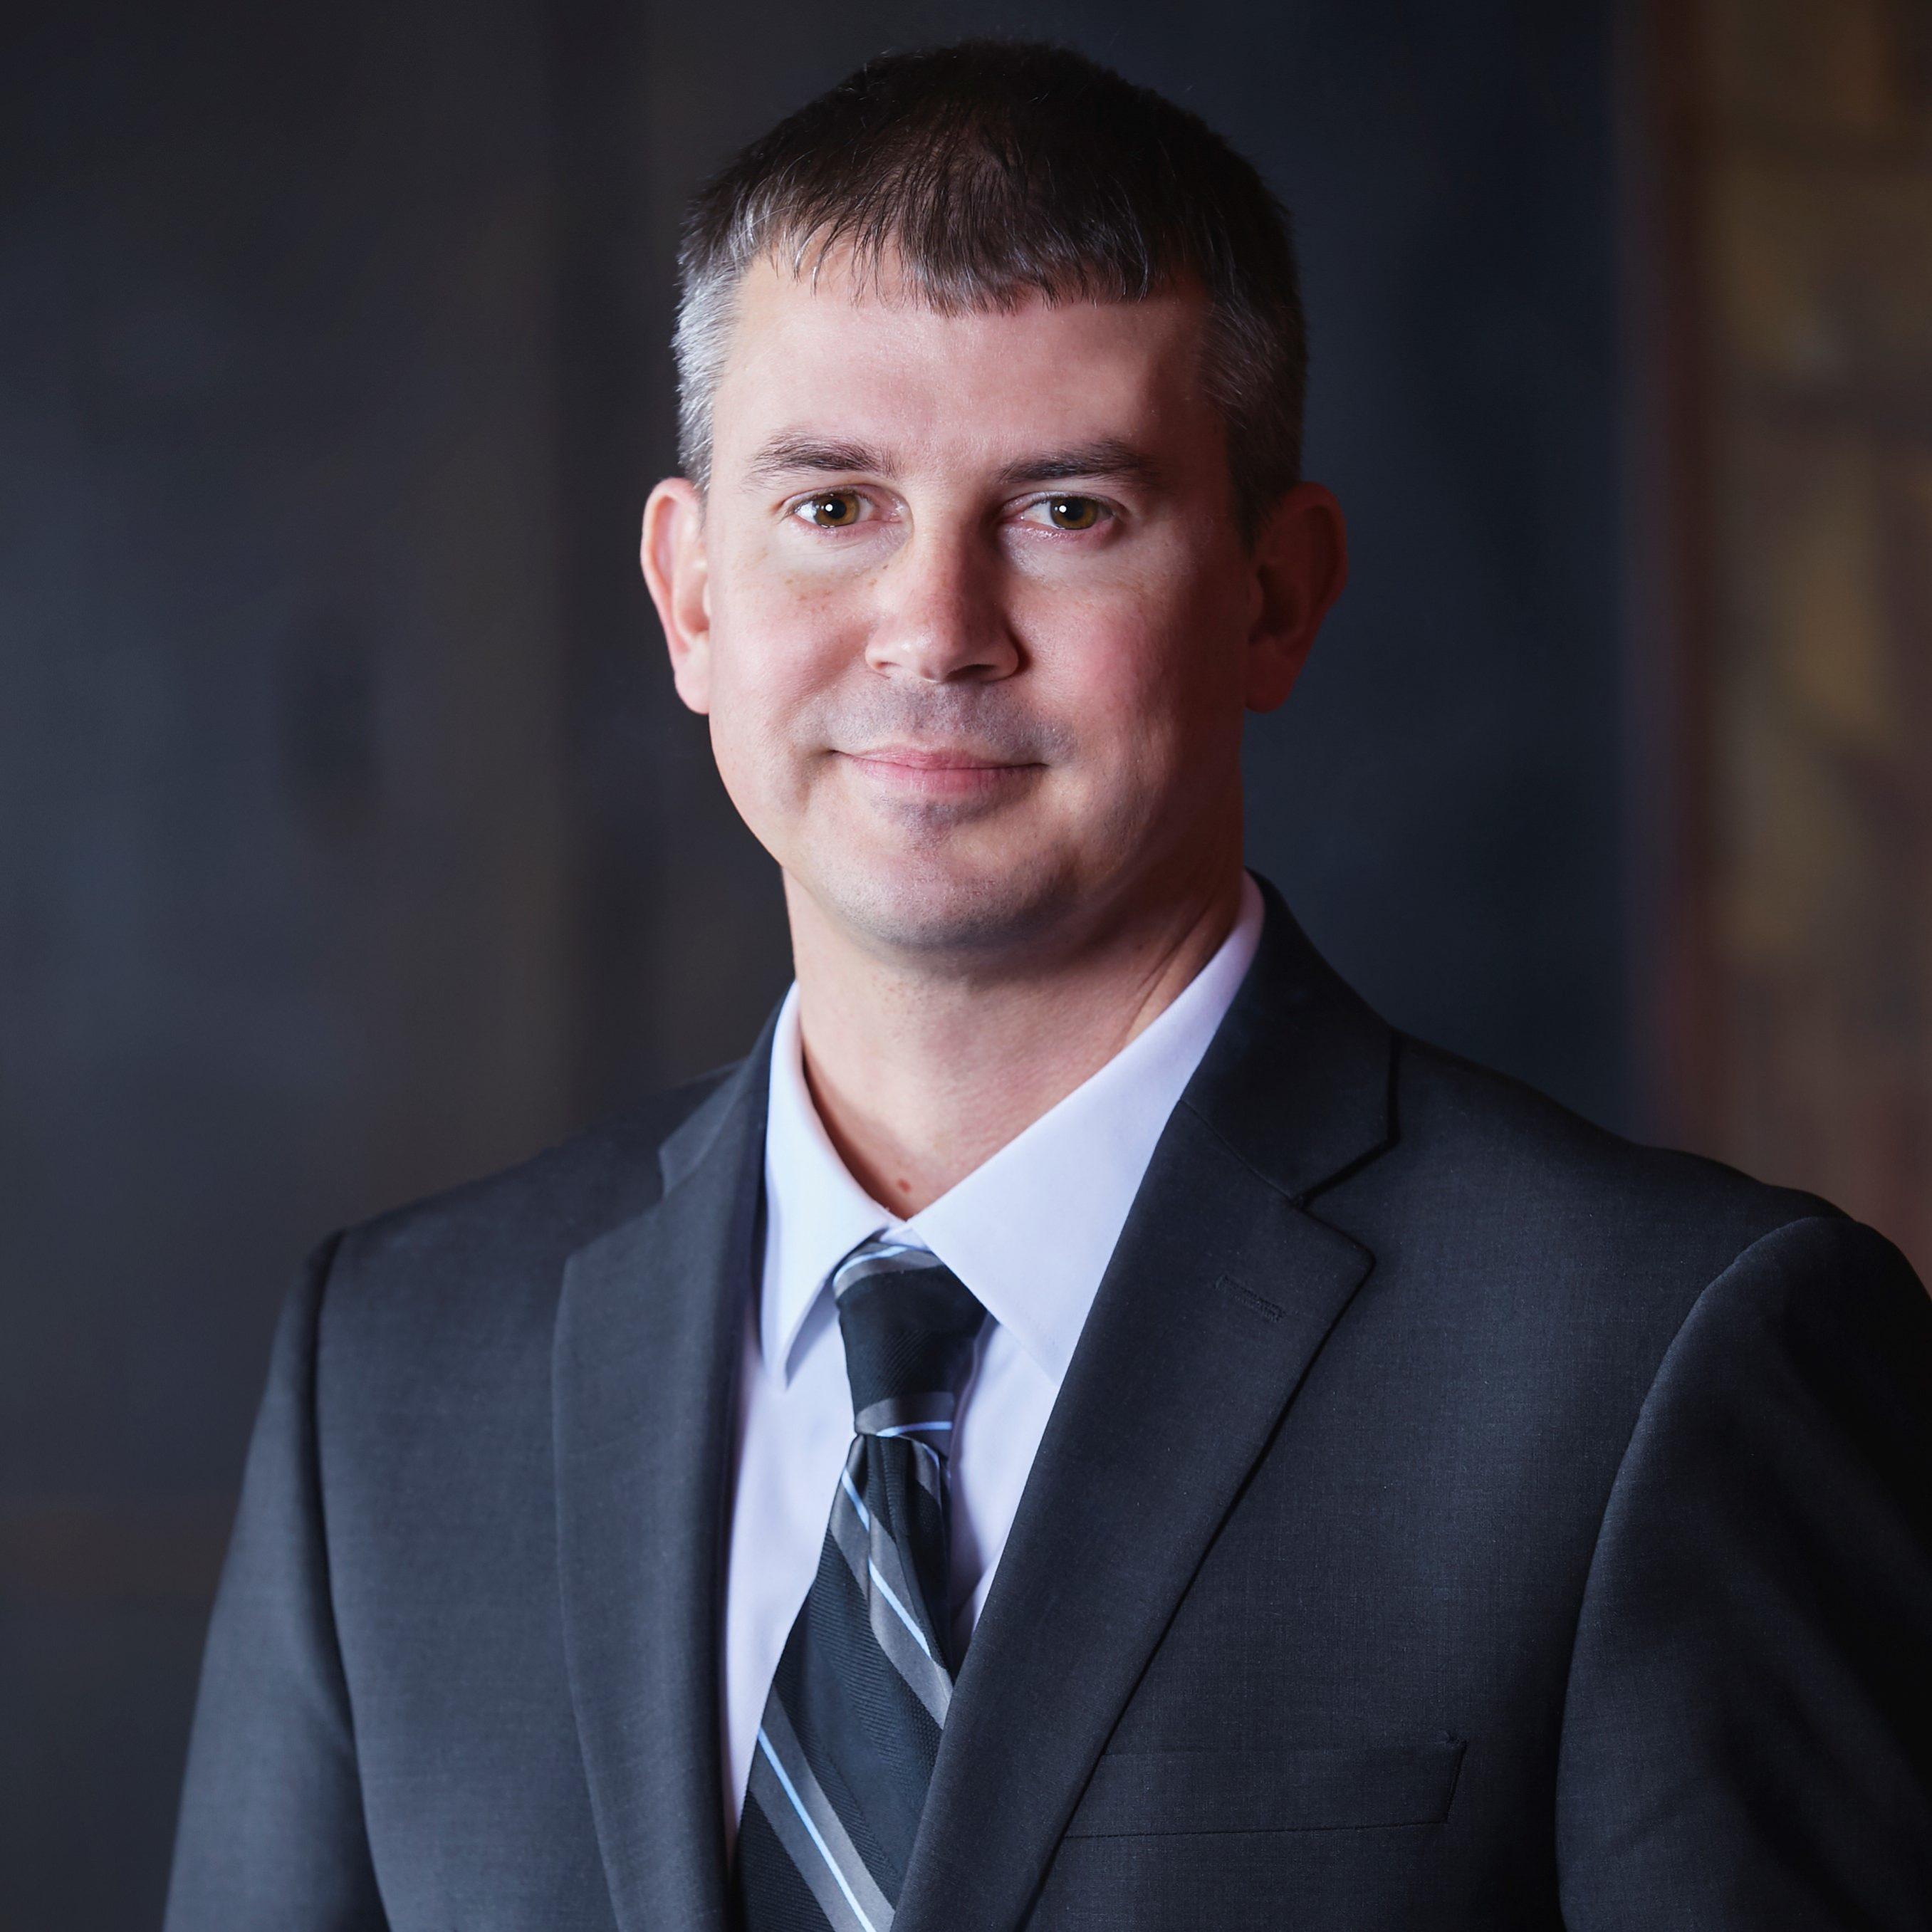 Chris Szeglowski